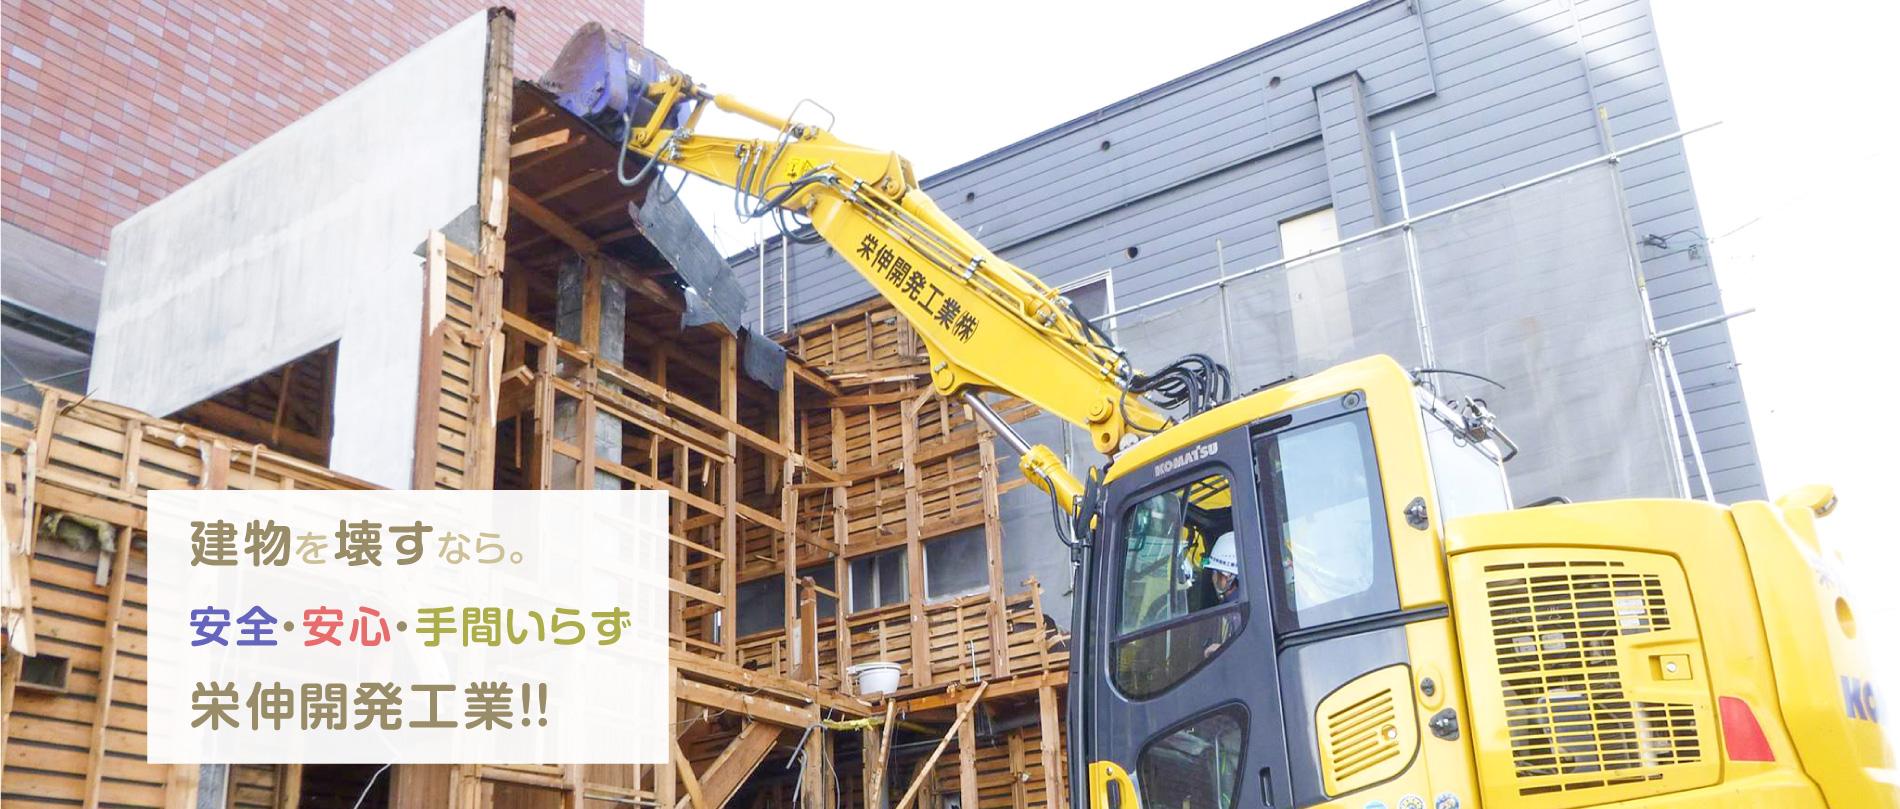 建物を壊すなら。安全・安心・低価格の栄伸開発工業!!